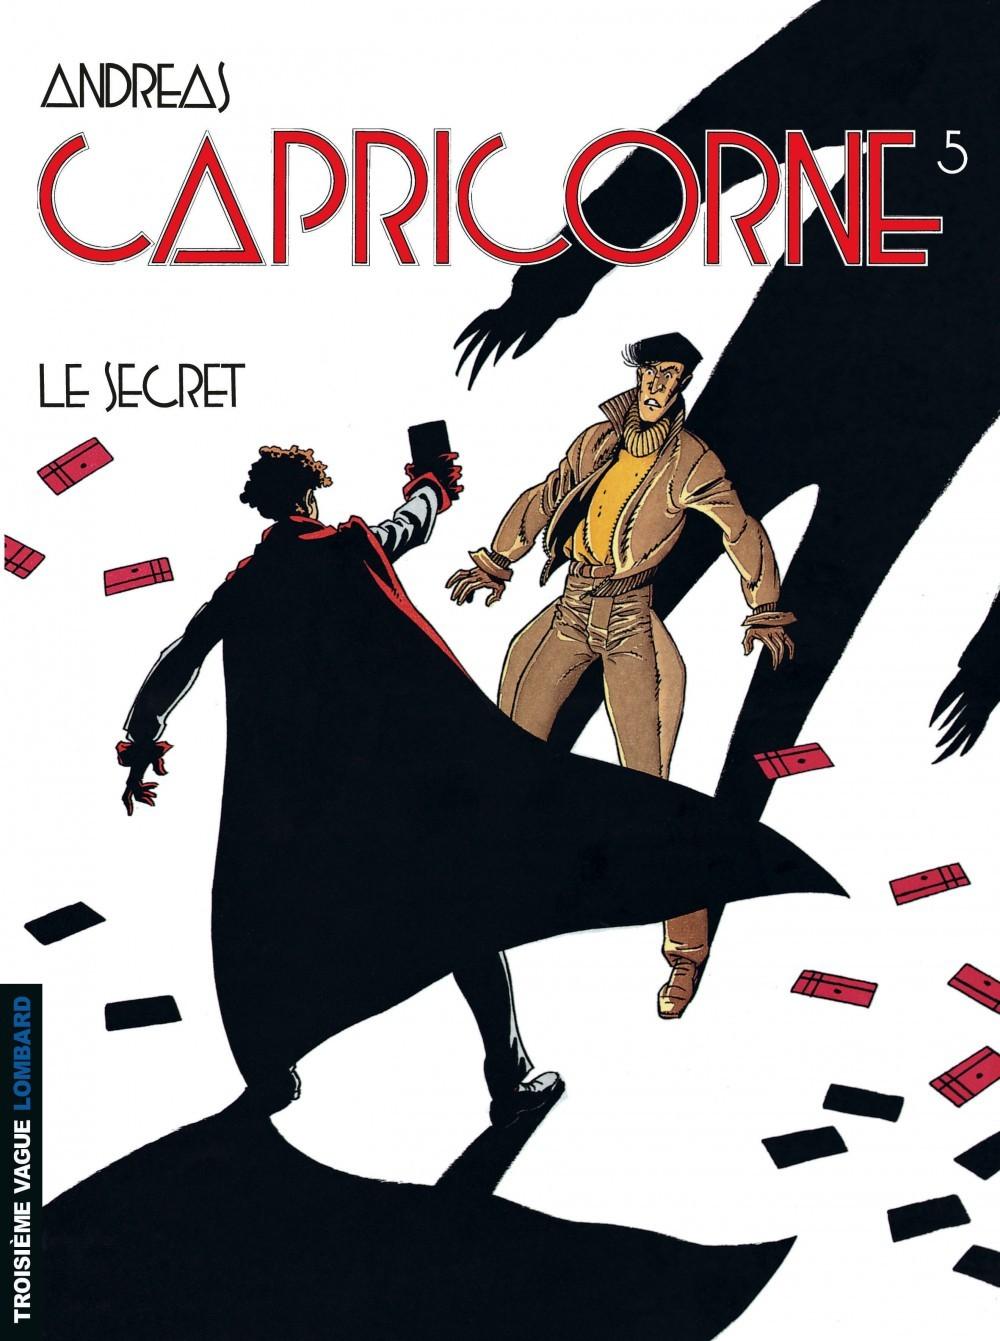 CAPRICORNE - TOME 5 - SECRET (LE)